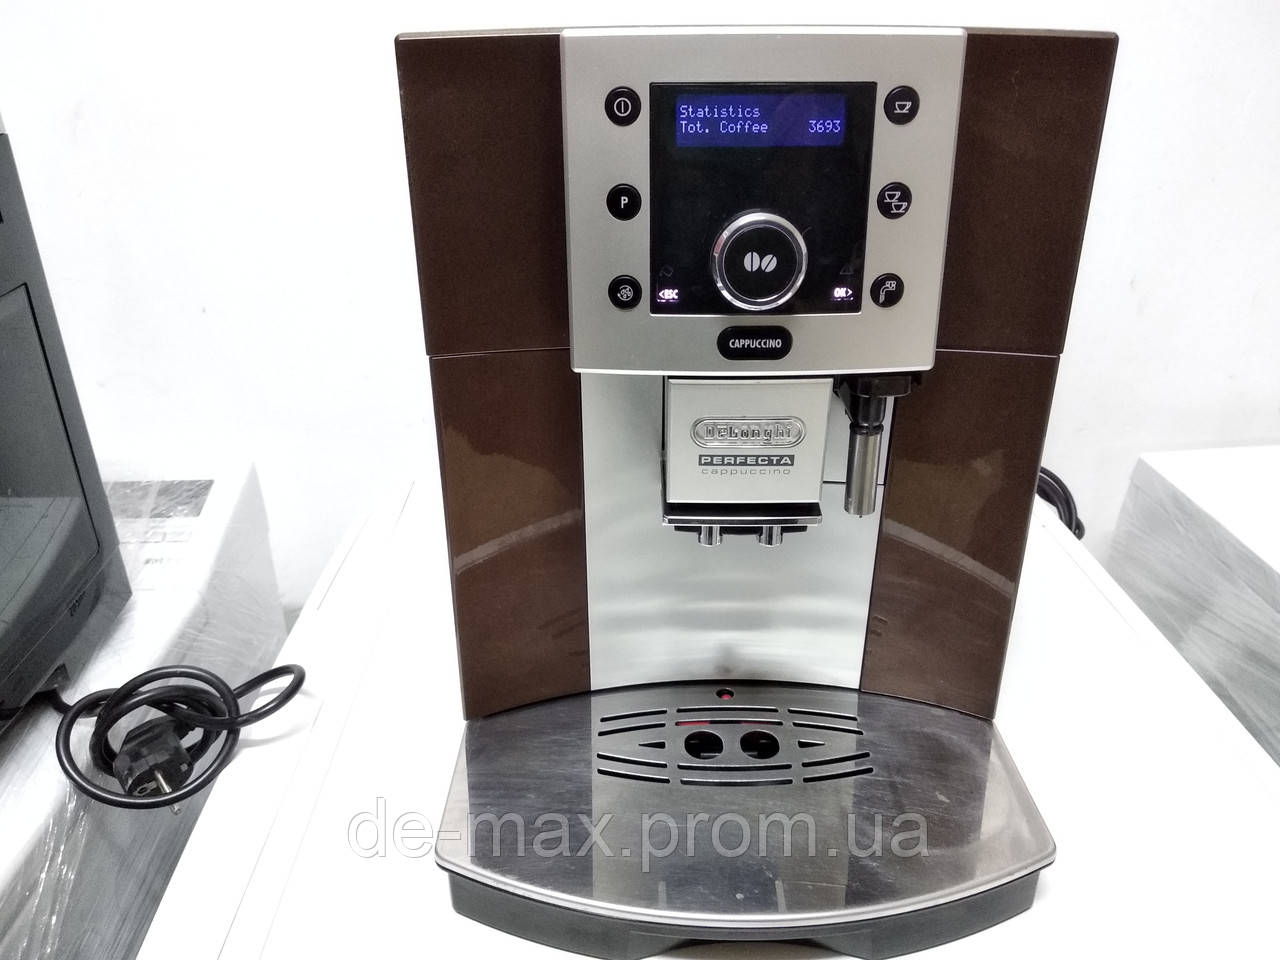 Кофемашина Делонги  Delonghi Esam 5500 Perfecta коричневая текстовое меню